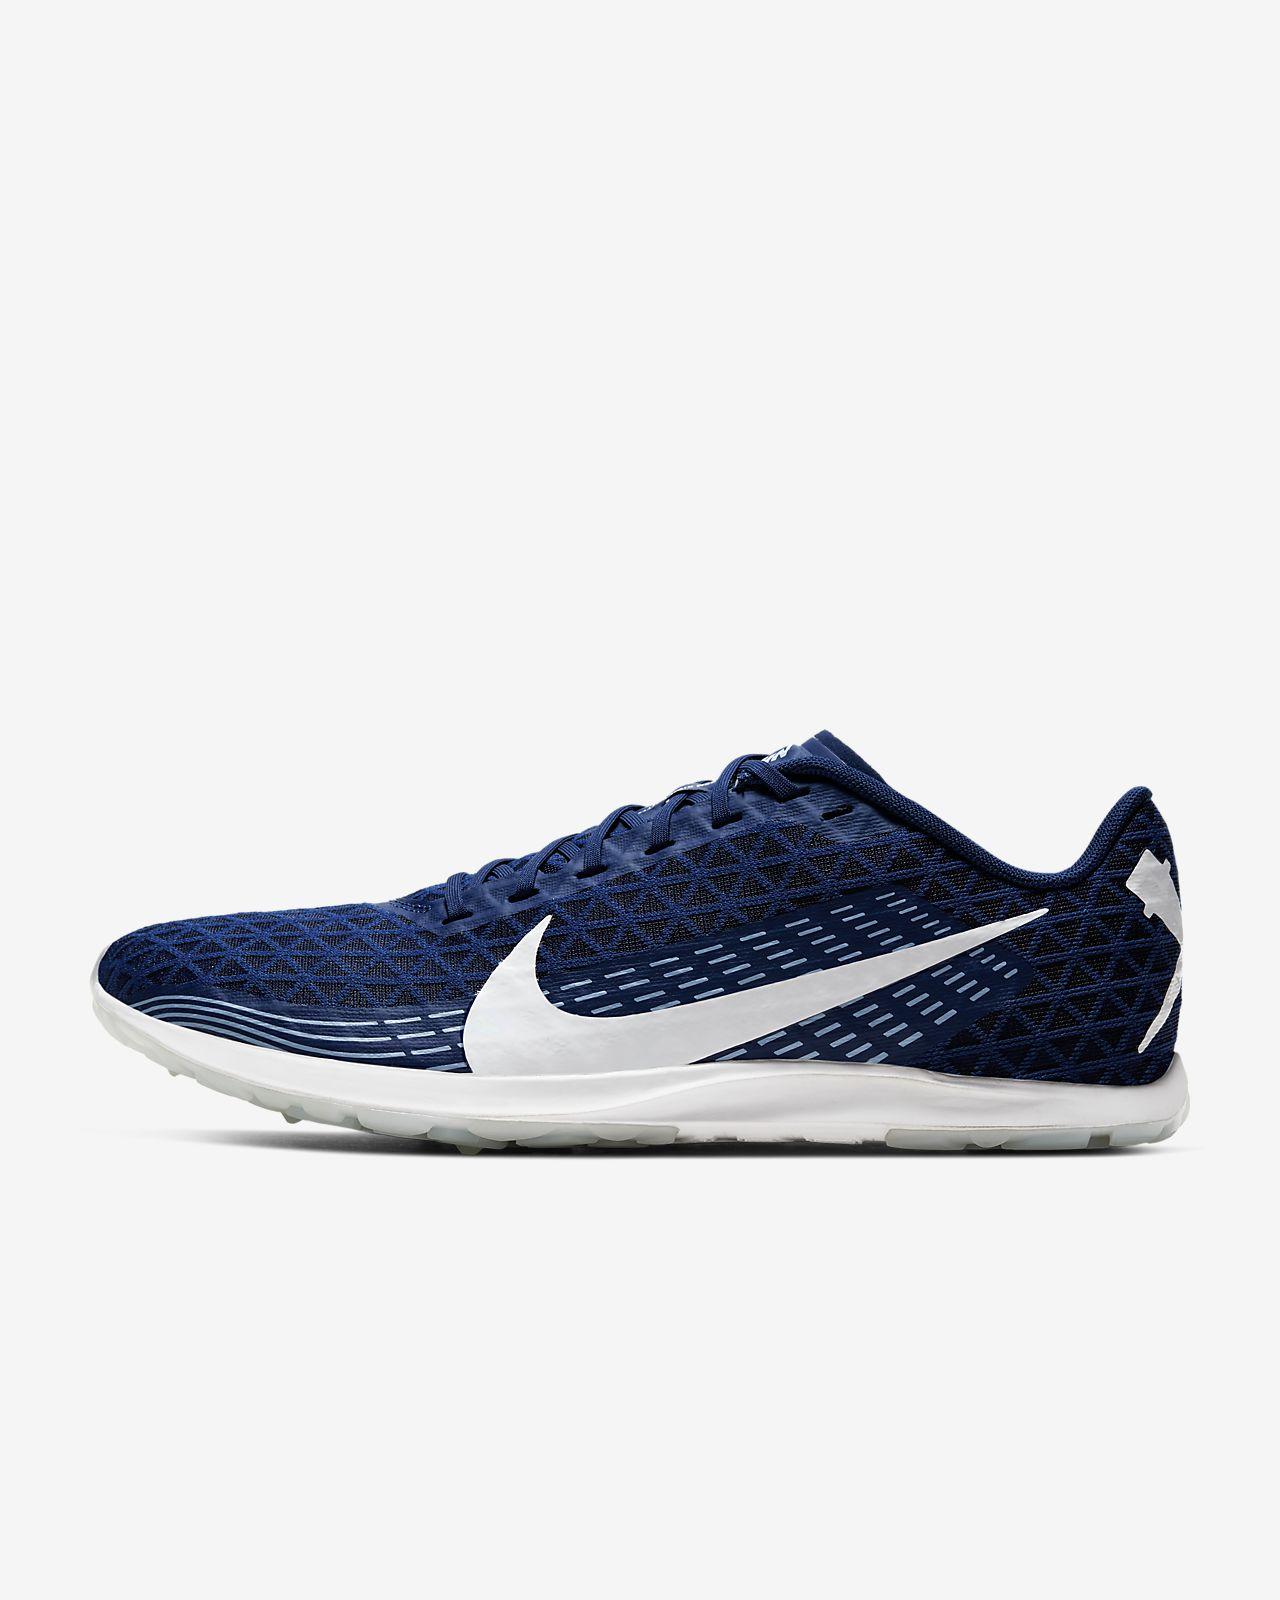 Nike Zoom Rival Waffle 2019 Unisex Racing Shoe